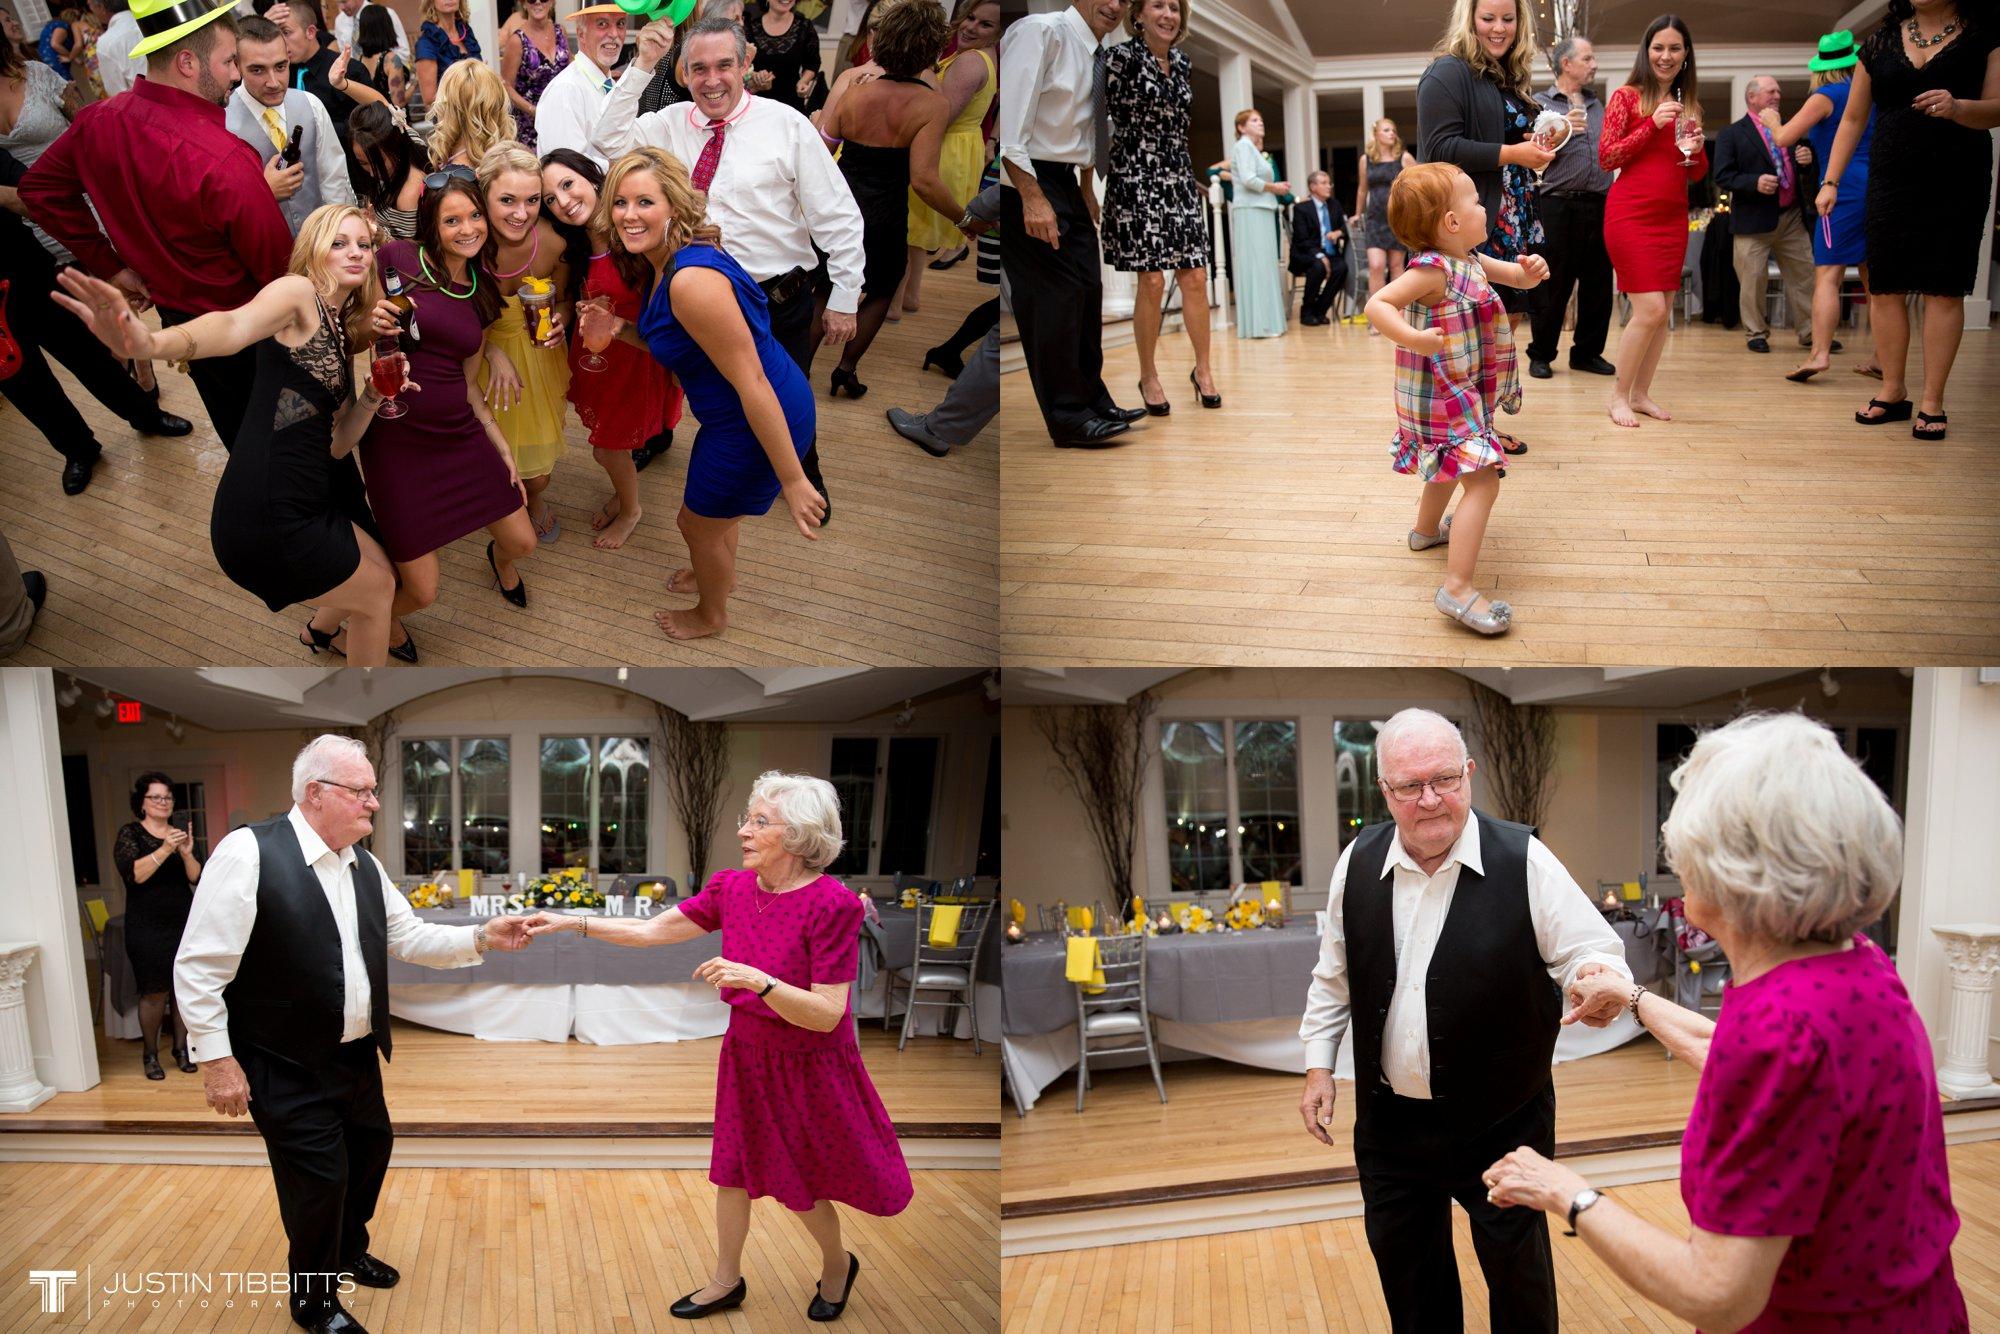 Albany NY Wedding Photographer Justin Tibbitts Photography 2014 Best of Albany NY Weddings-121Albany NY Wedding Photographer Justin Tibbitts Photography Albany NY Best of Weddings7